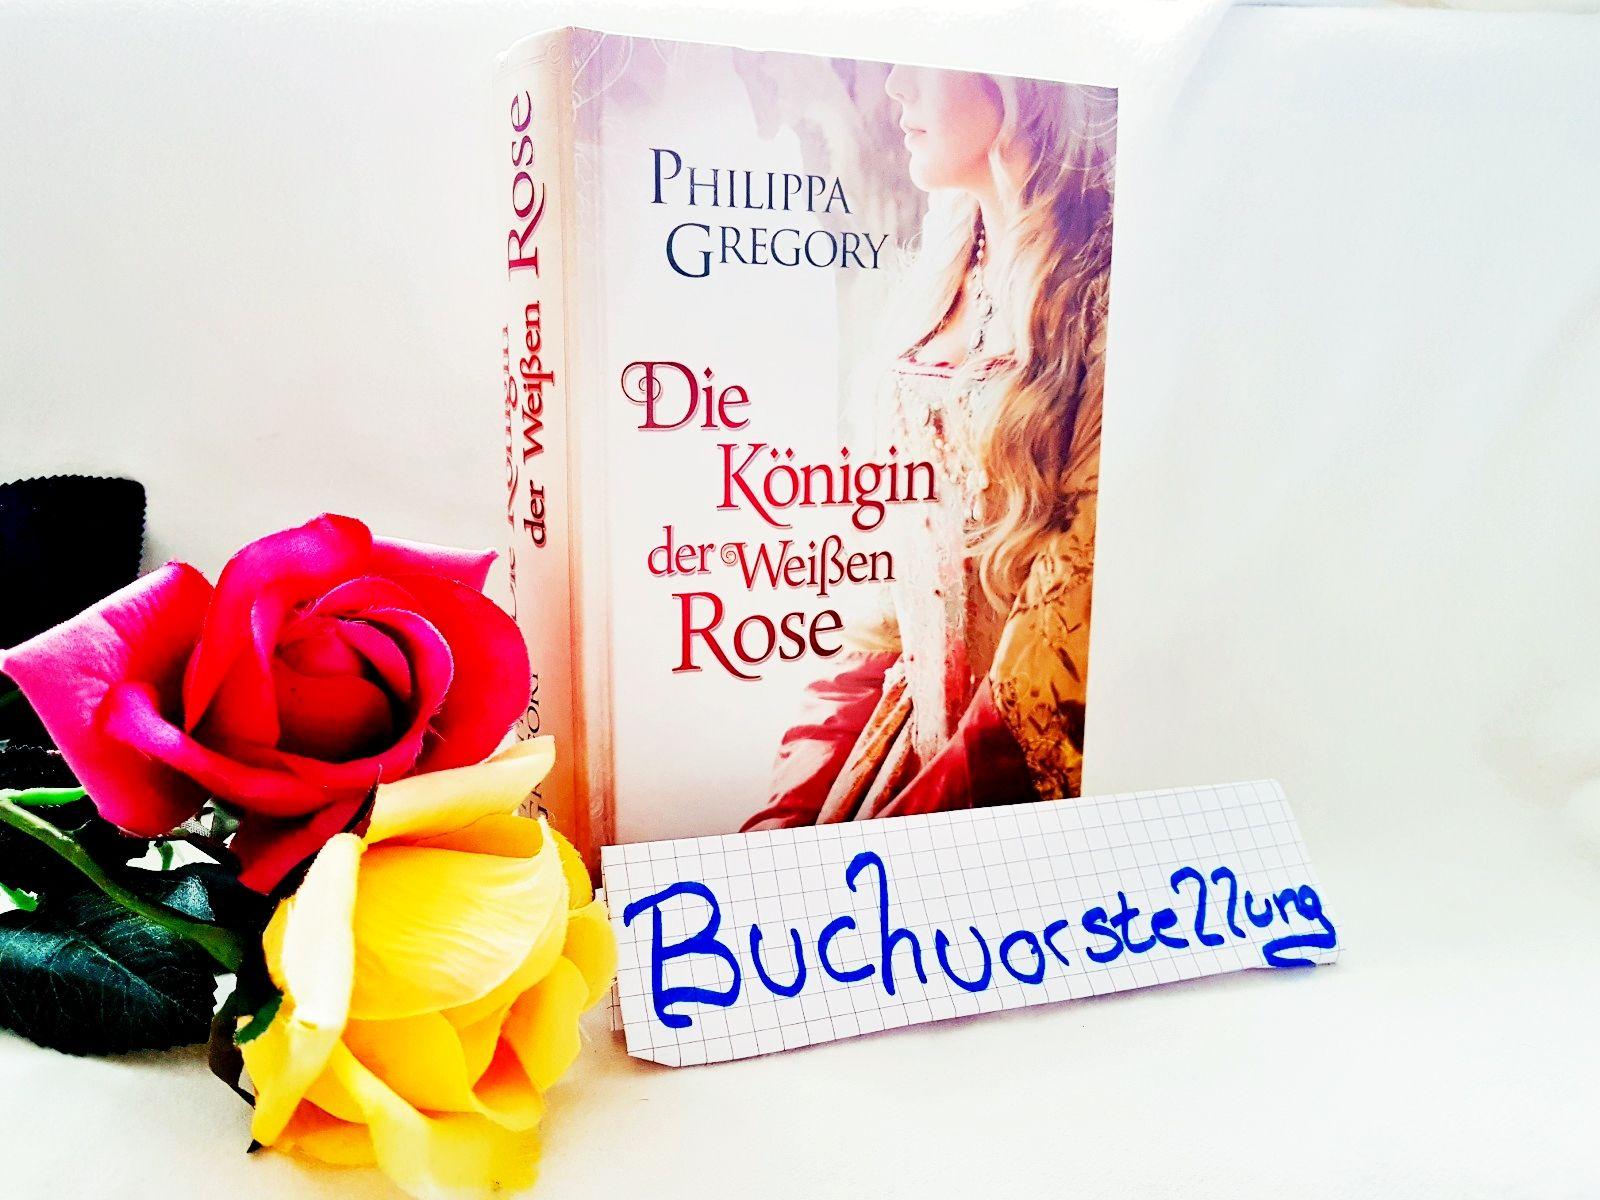 Die Königin der weißen Rose Philippa Gregory